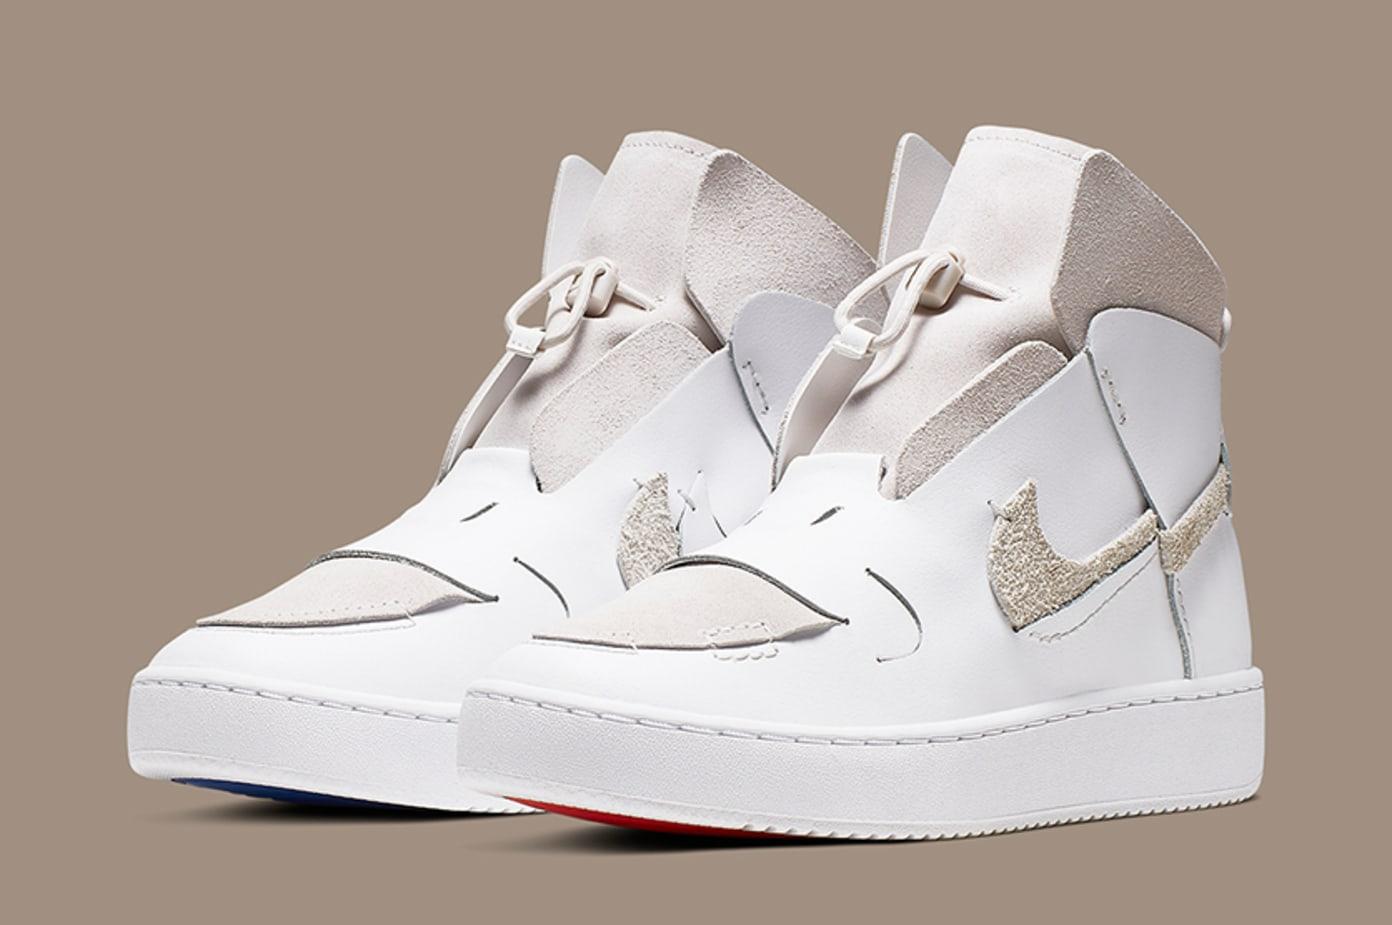 Nike WMNS Vandalized LX - White/Platinum Tint